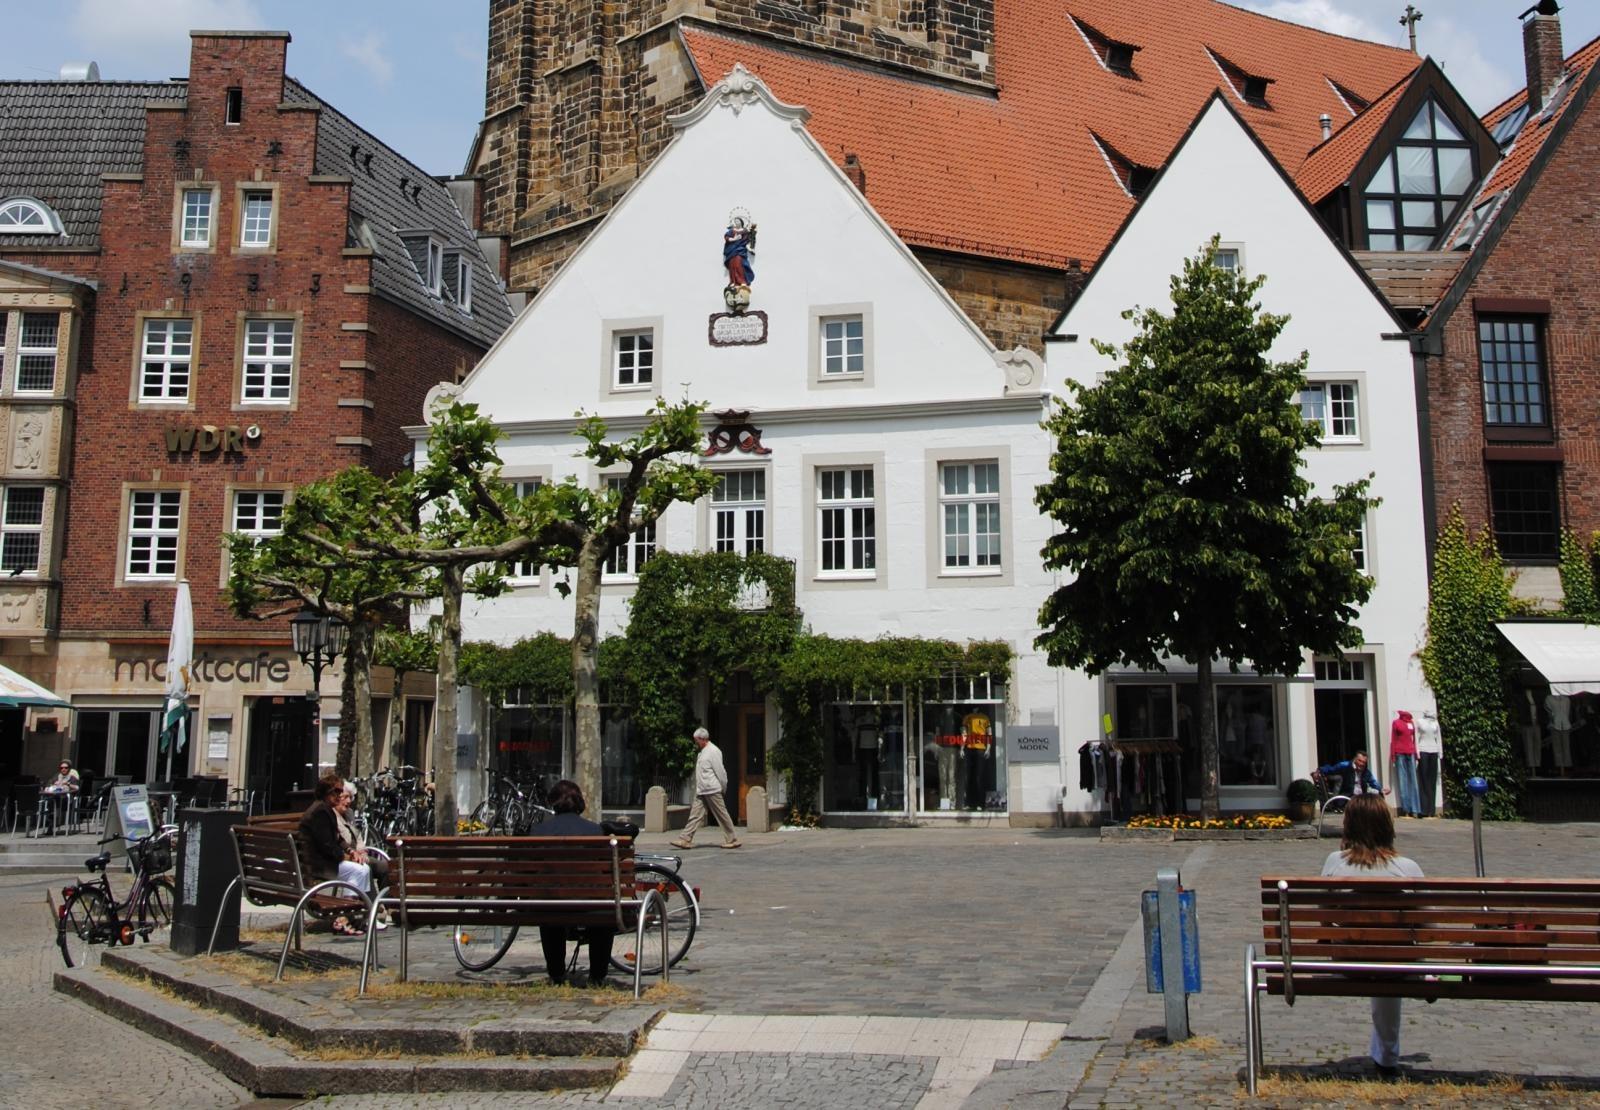 Der Marktplatz in Rheine